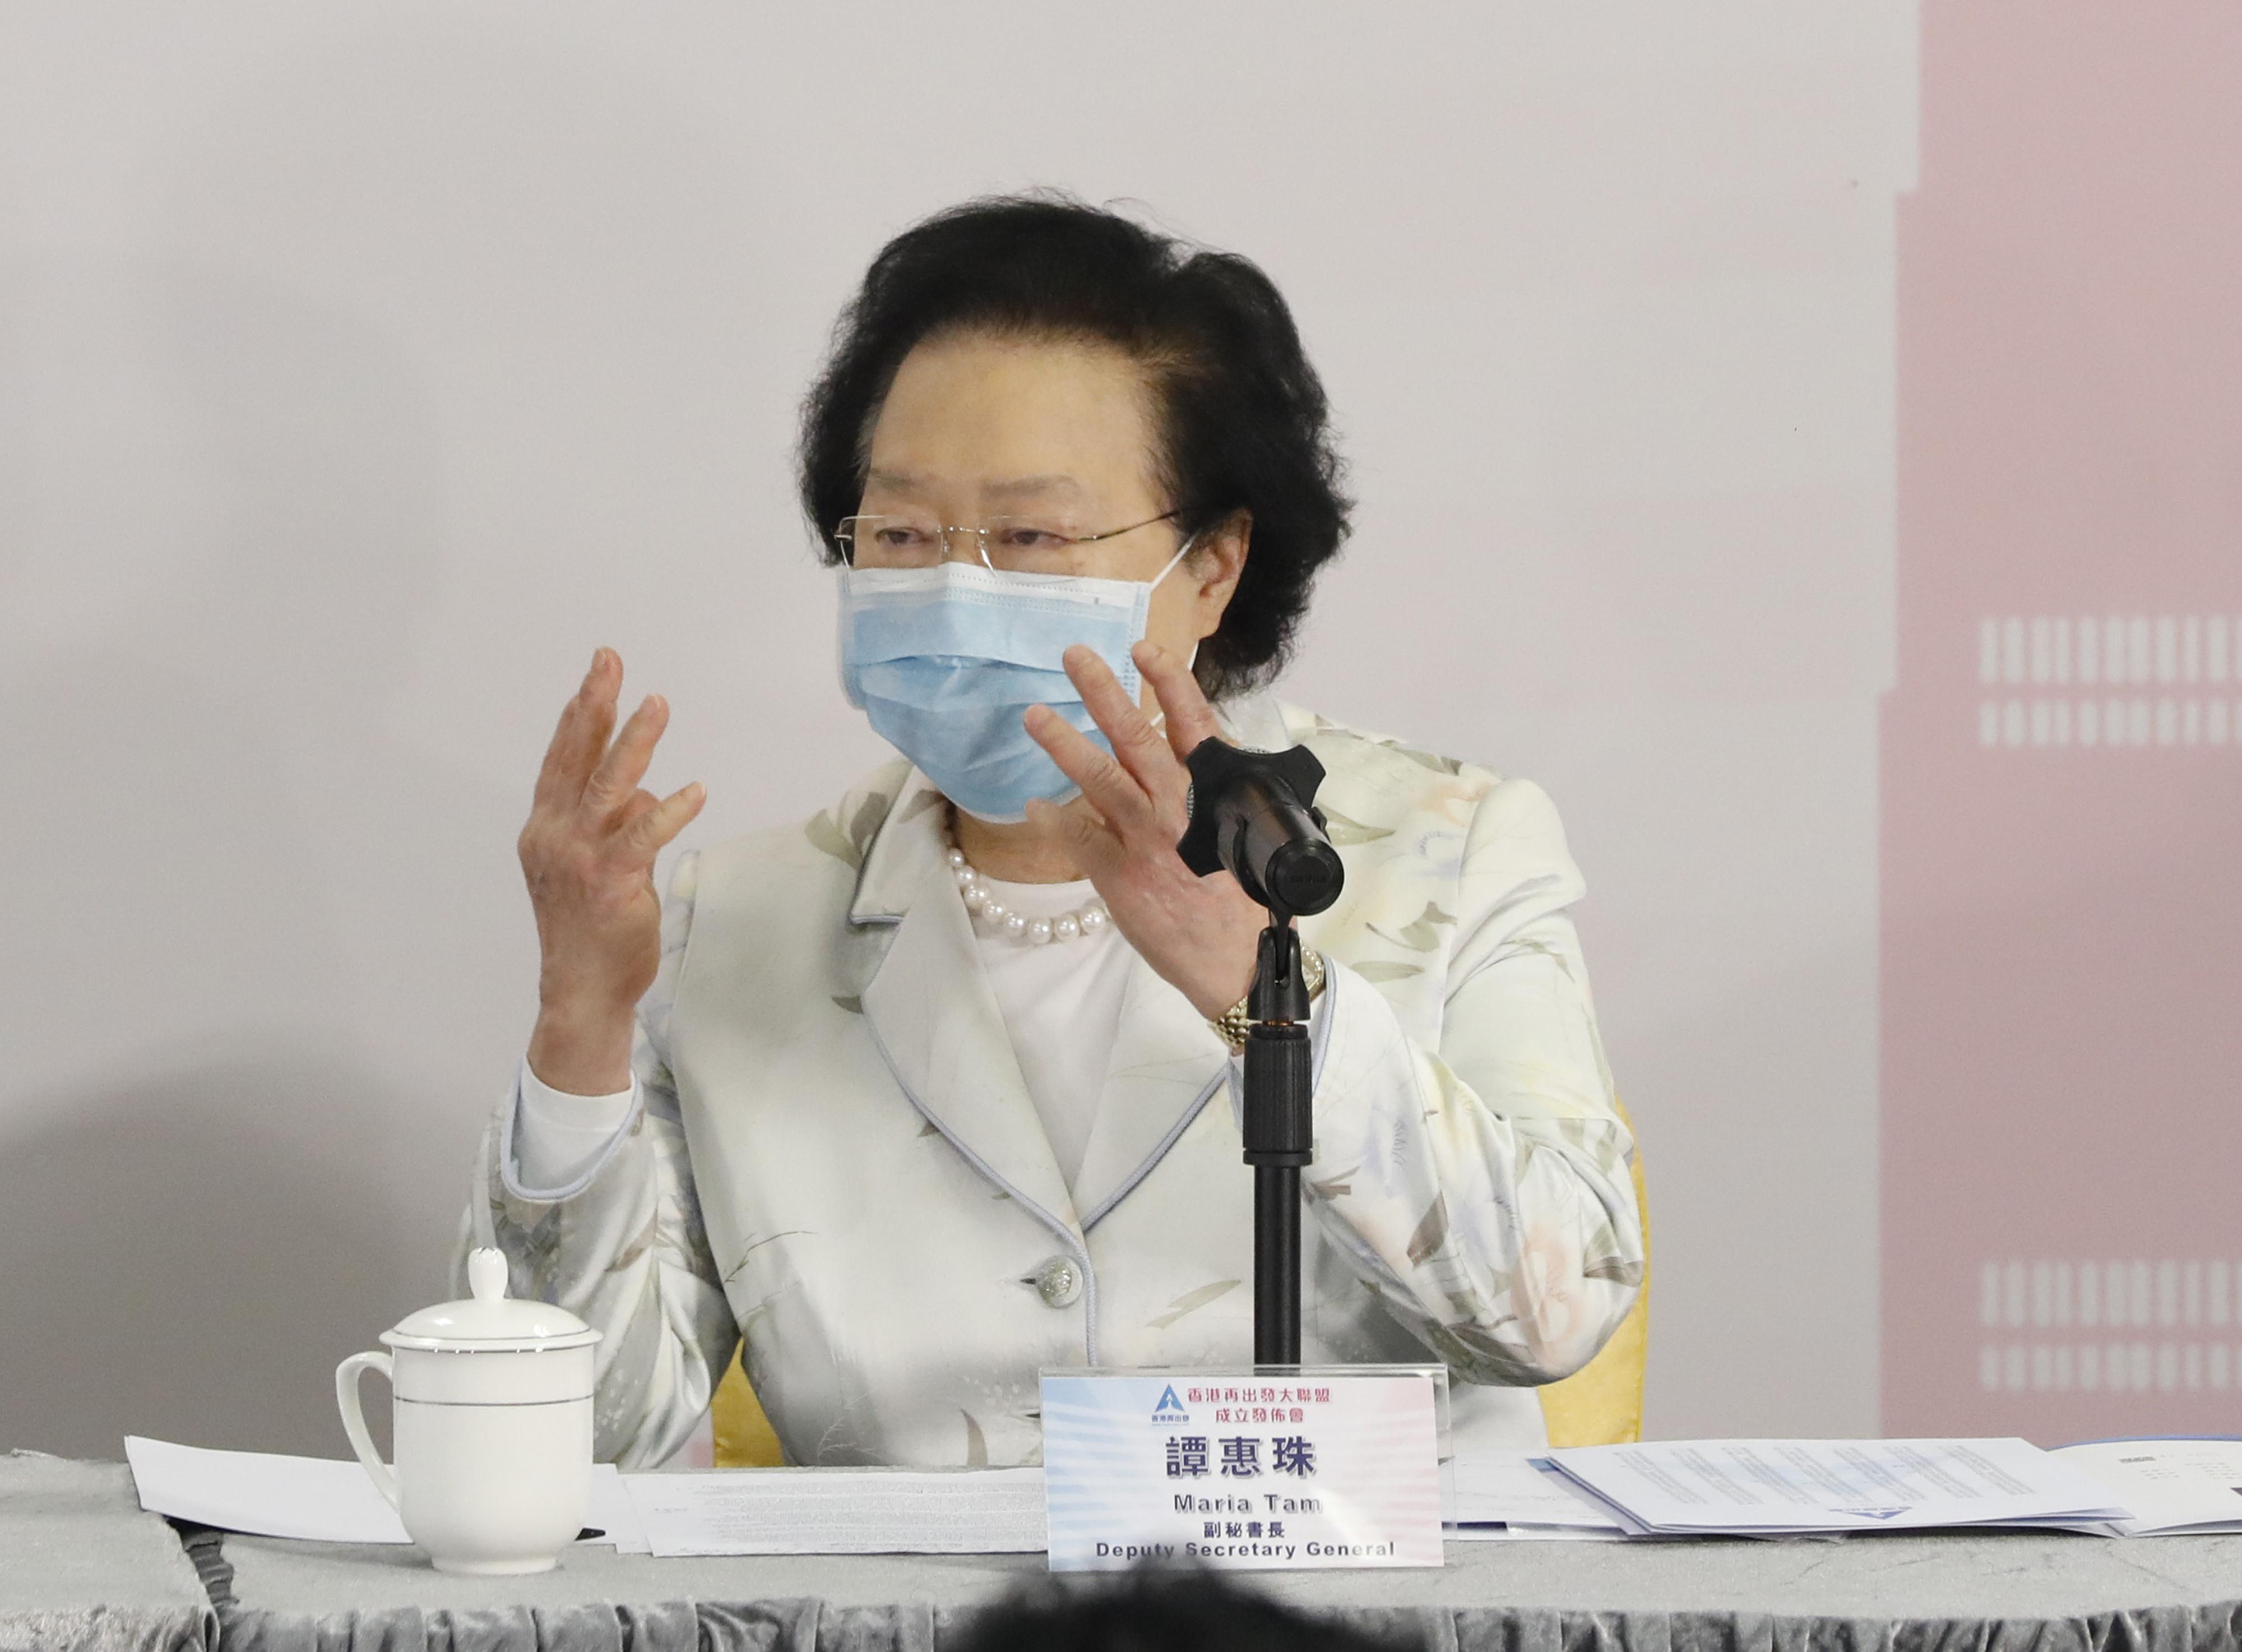 譚惠珠表示,「港區國安法」立法保障港人合法權利(點新聞資料圖片)